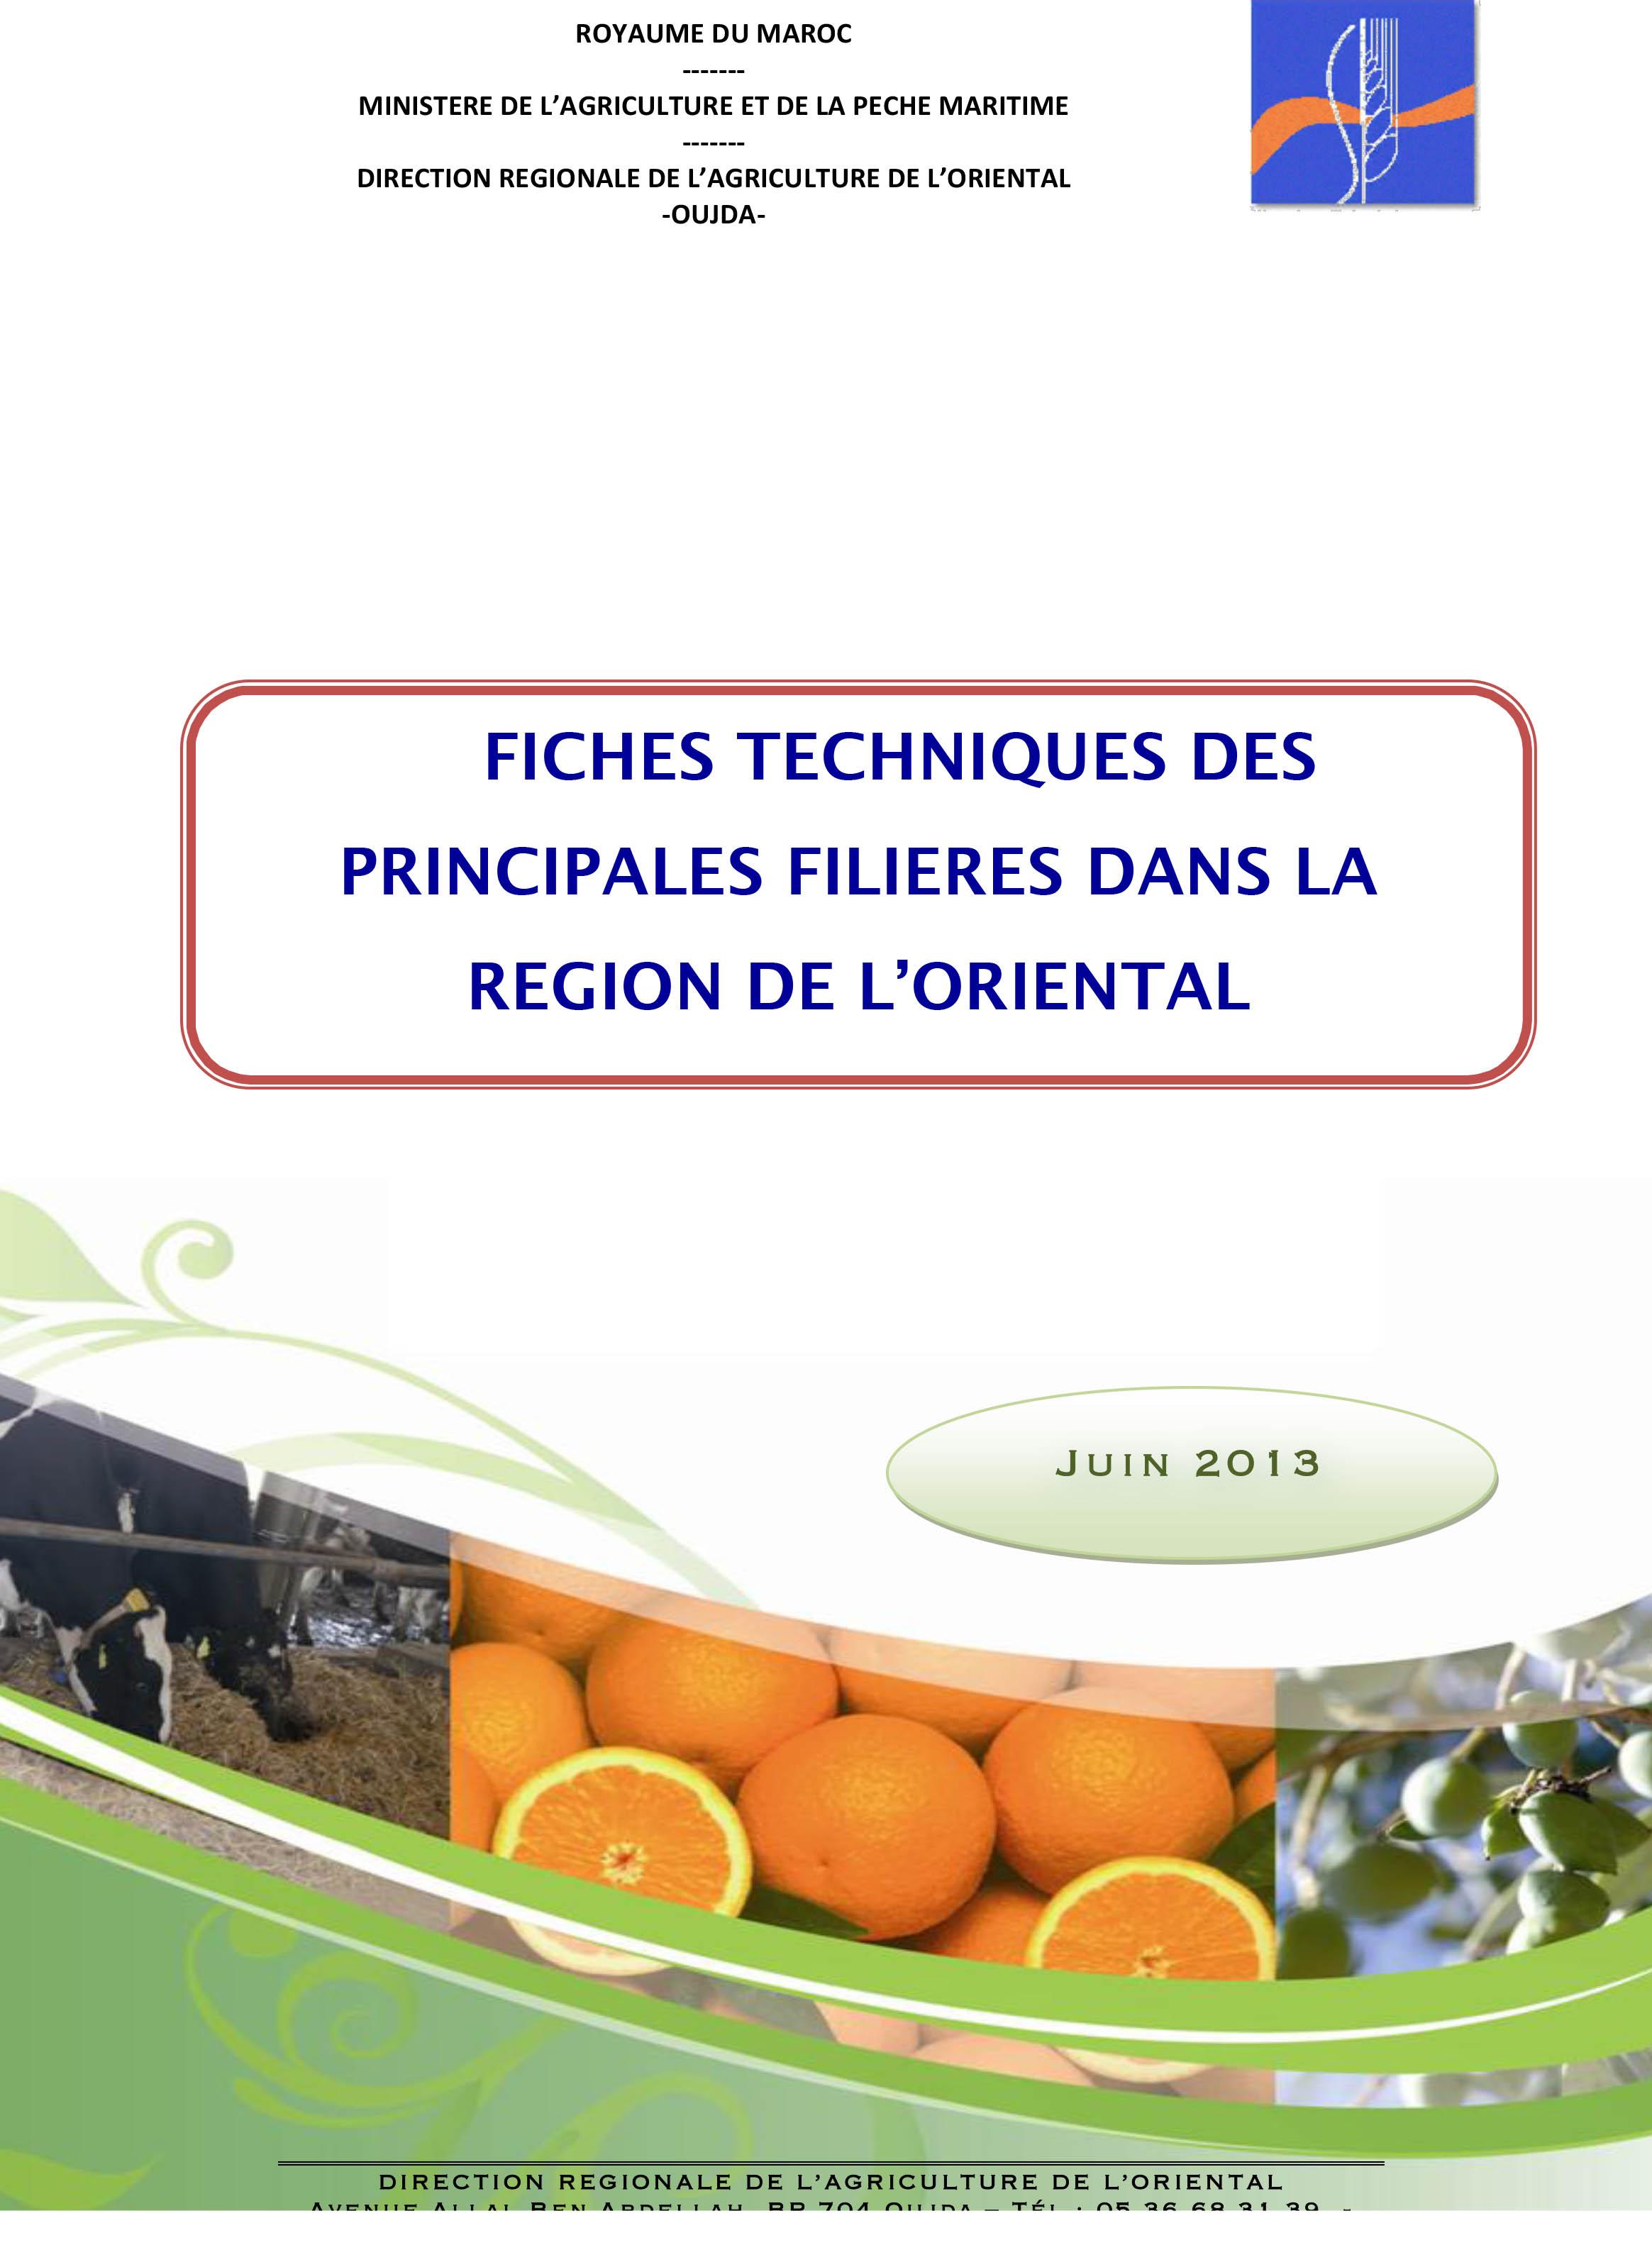 FICHES TECHNIQUES DES PRINCIPALES FILIERES DANS LA REGION DE L'ORIENTAL